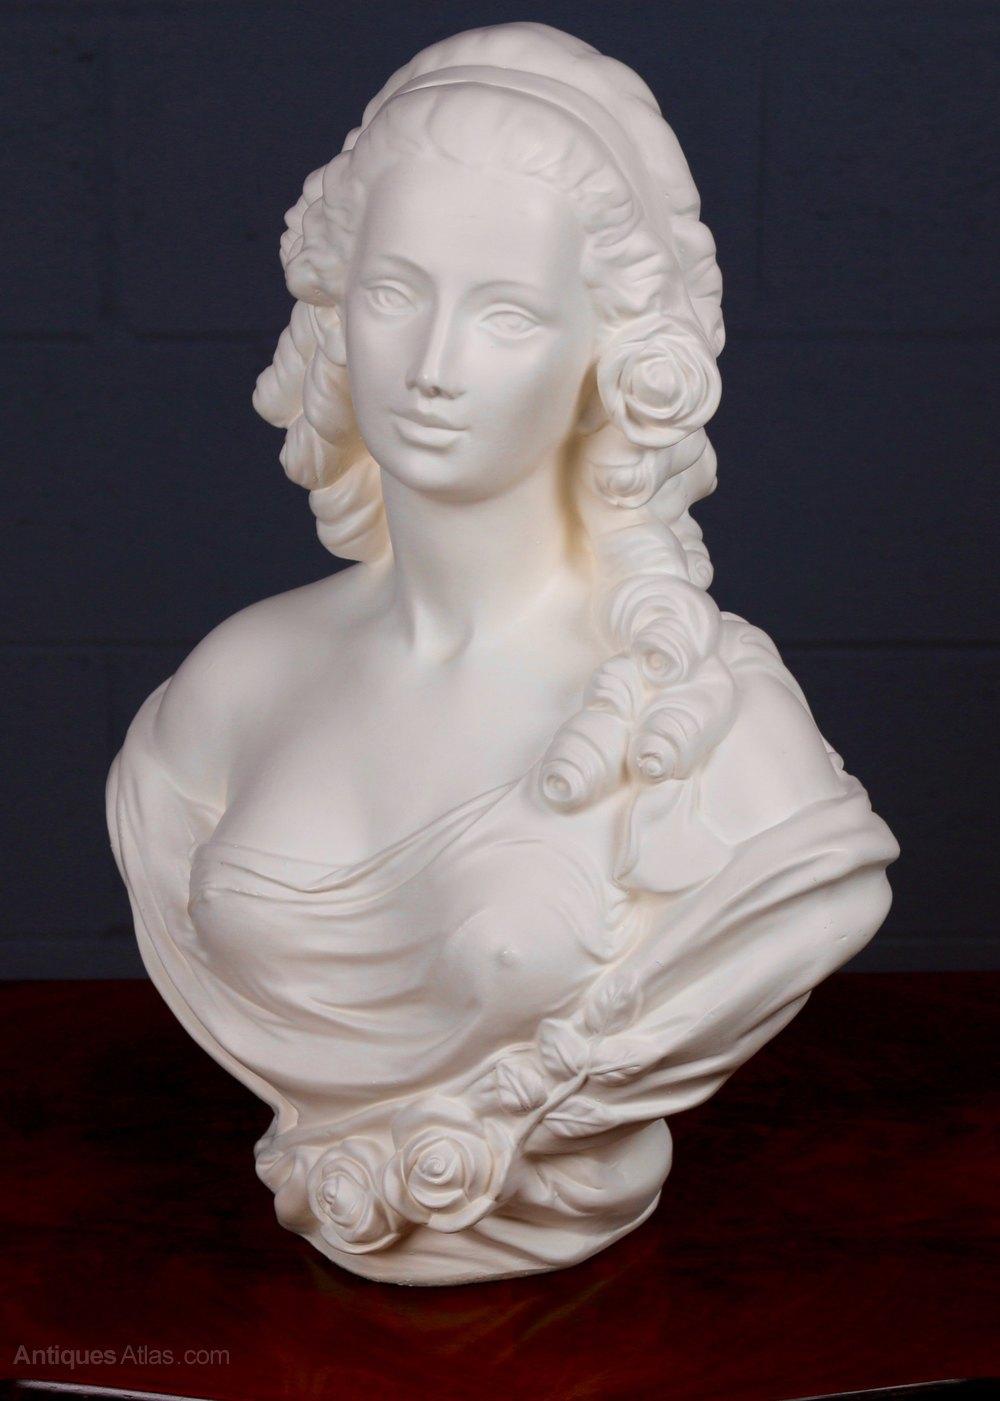 Antiques Atlas Parian Ware Bust